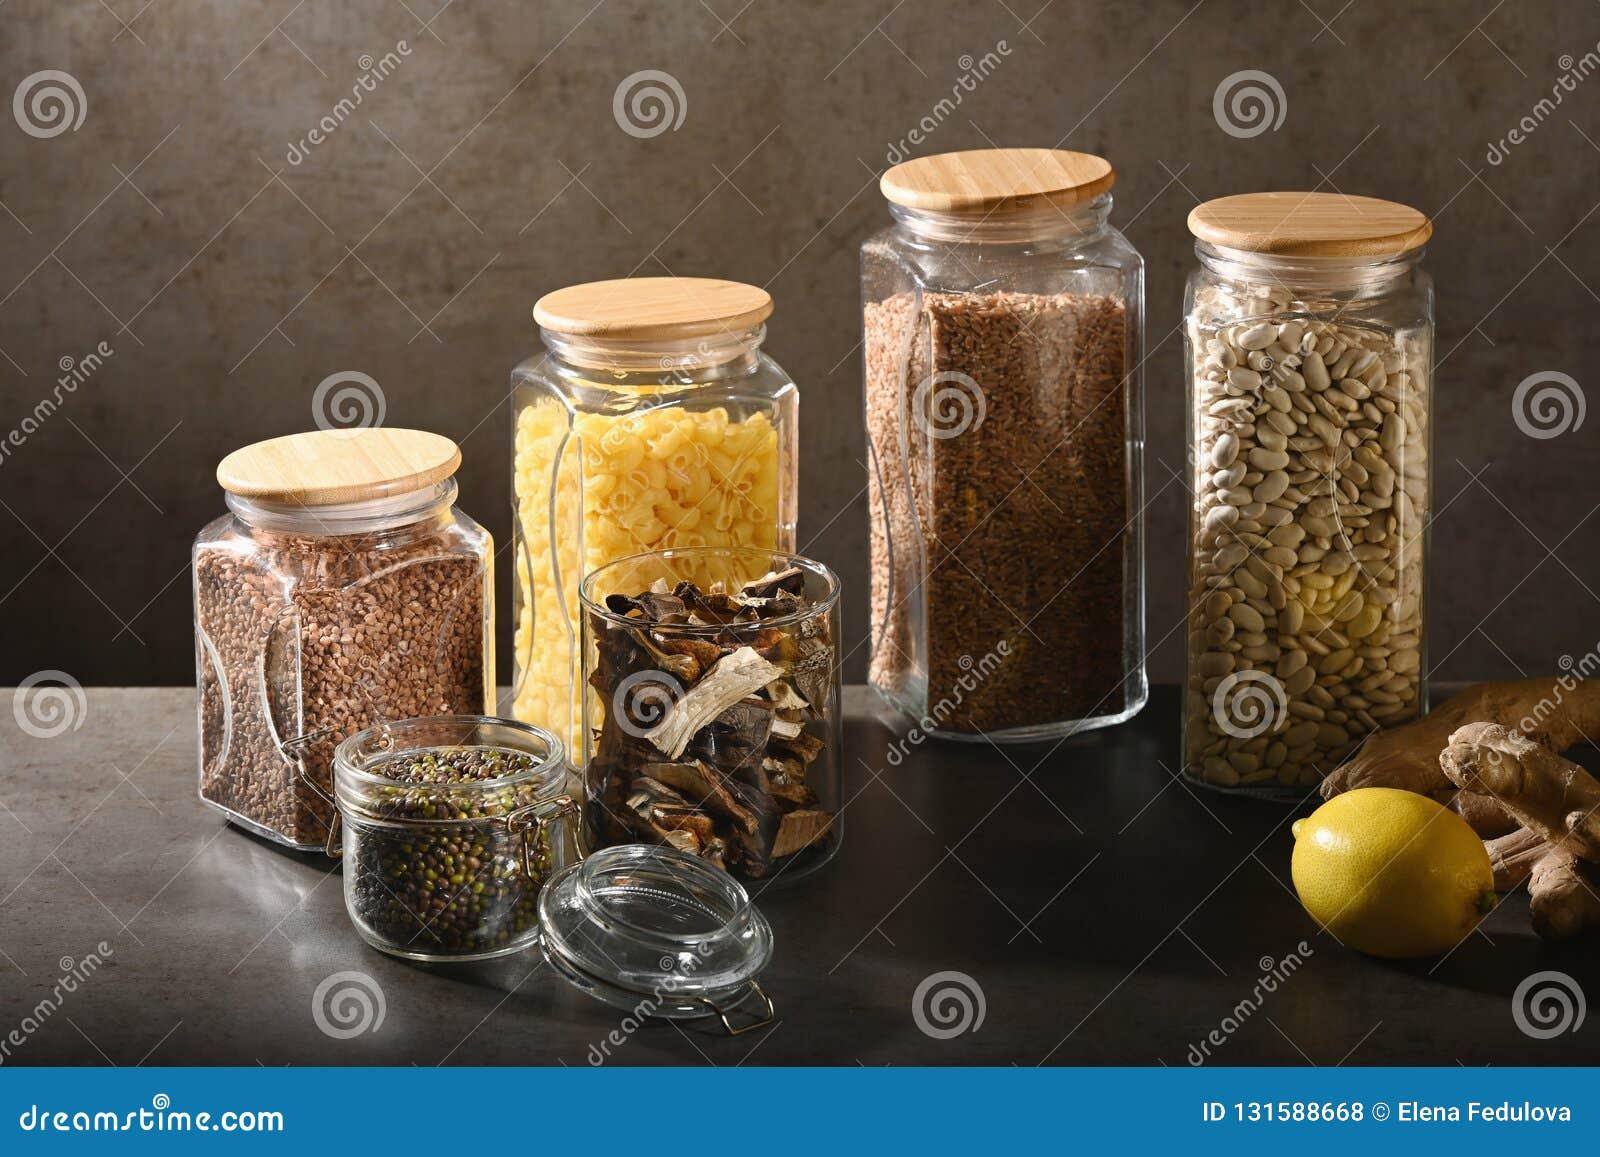 Podtrzymywalny styl życia pojęcie, zero odpadów, zboża i Beas w szkle, eco życzliwy, klingeryt uwalniamy rzeczy